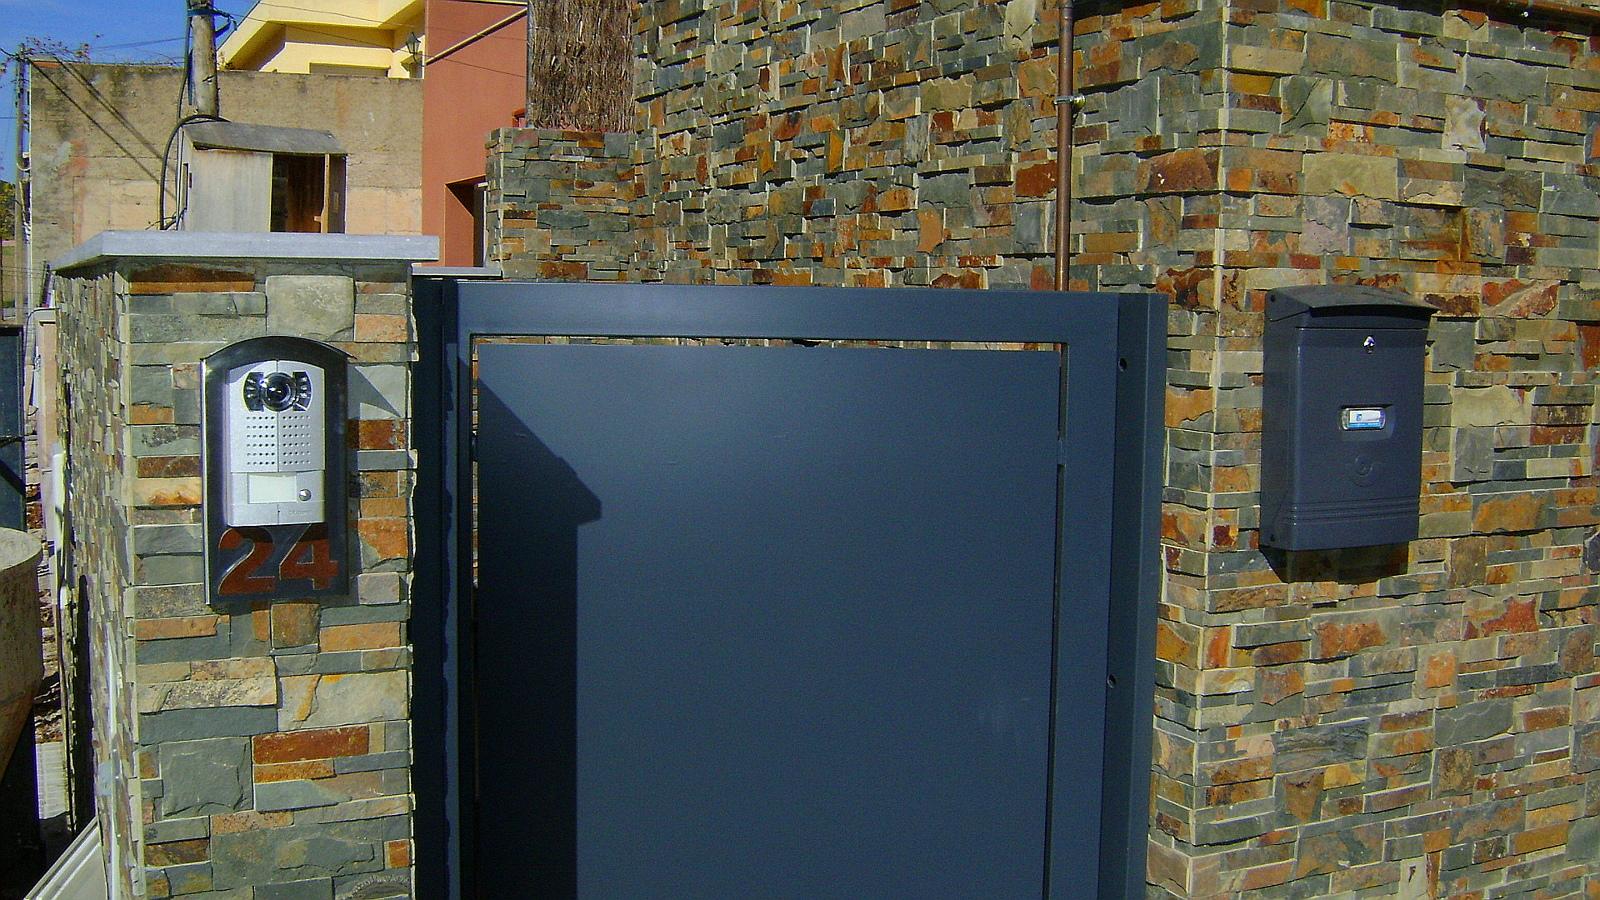 Foto vivienda unifamiliar aislada puerta entrada de for Puerta entrada vivienda